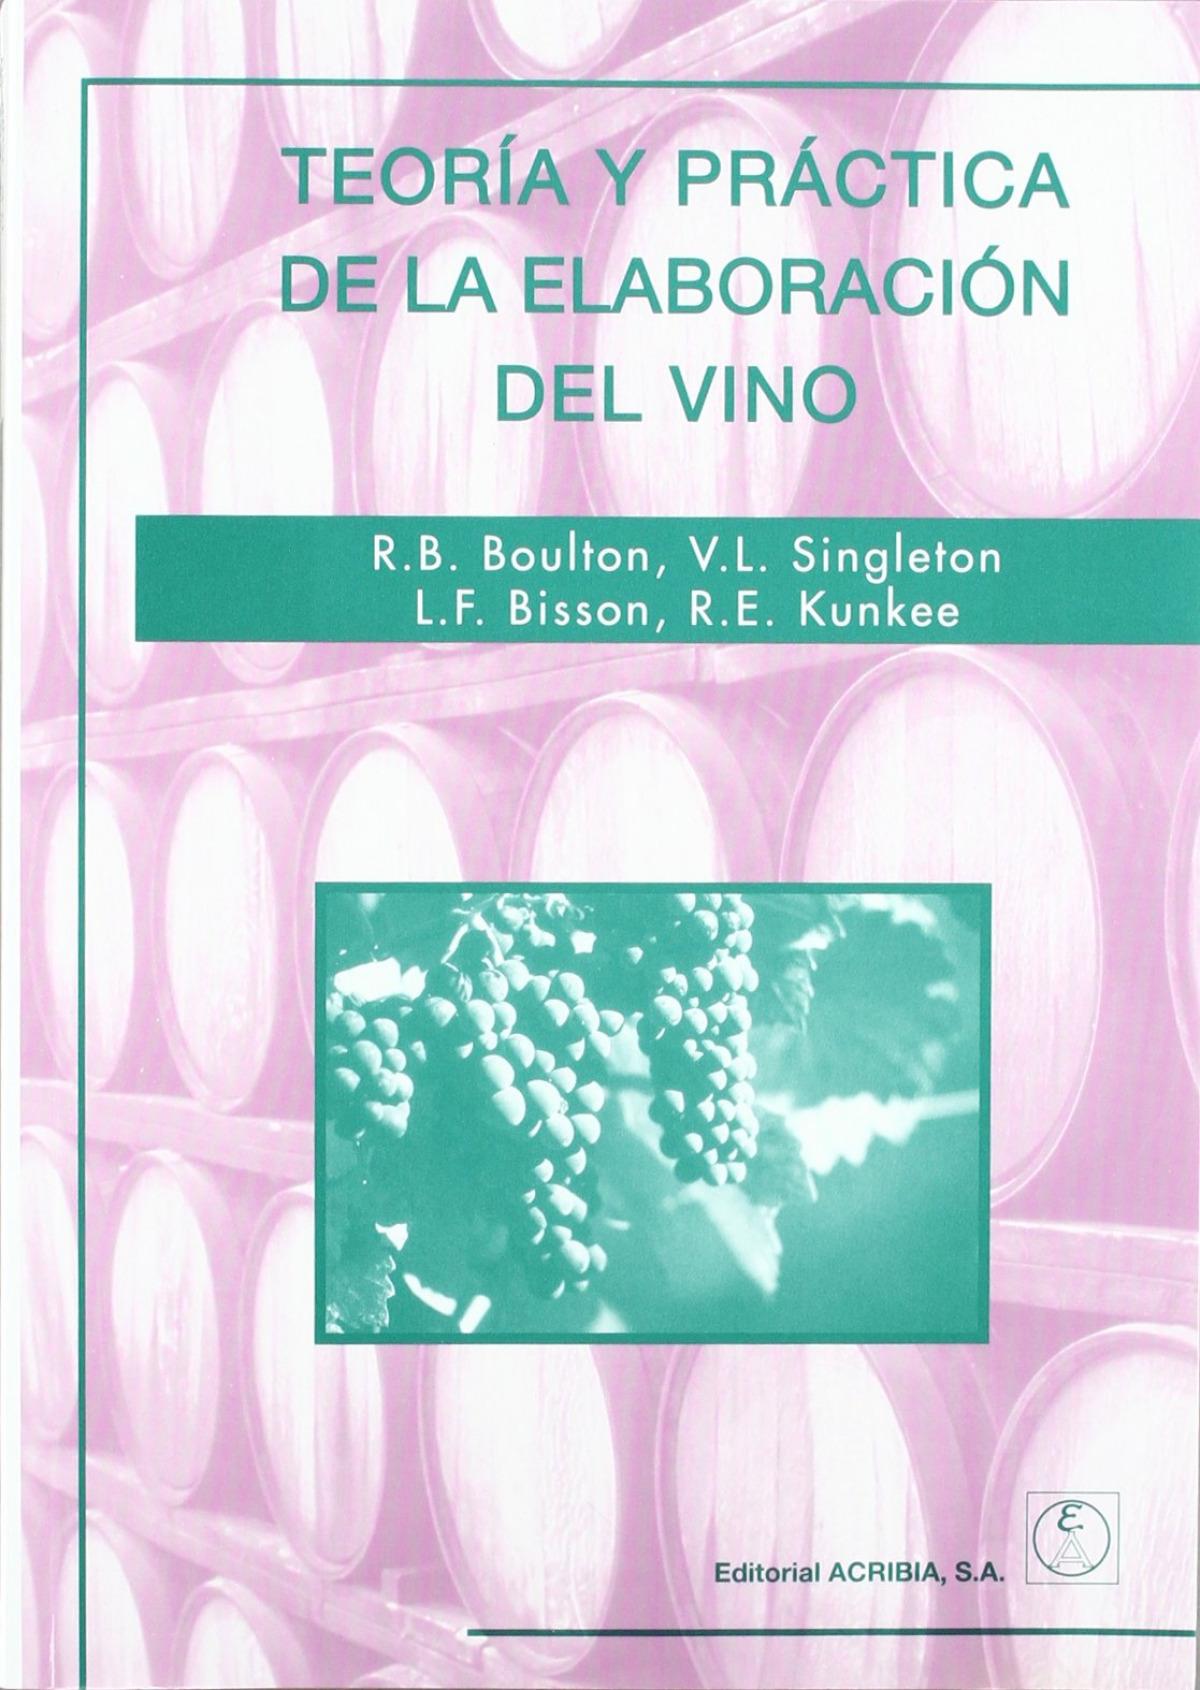 TEORÍA/PRÁCTICA DE LA ELABORACIÓN DEL VINO